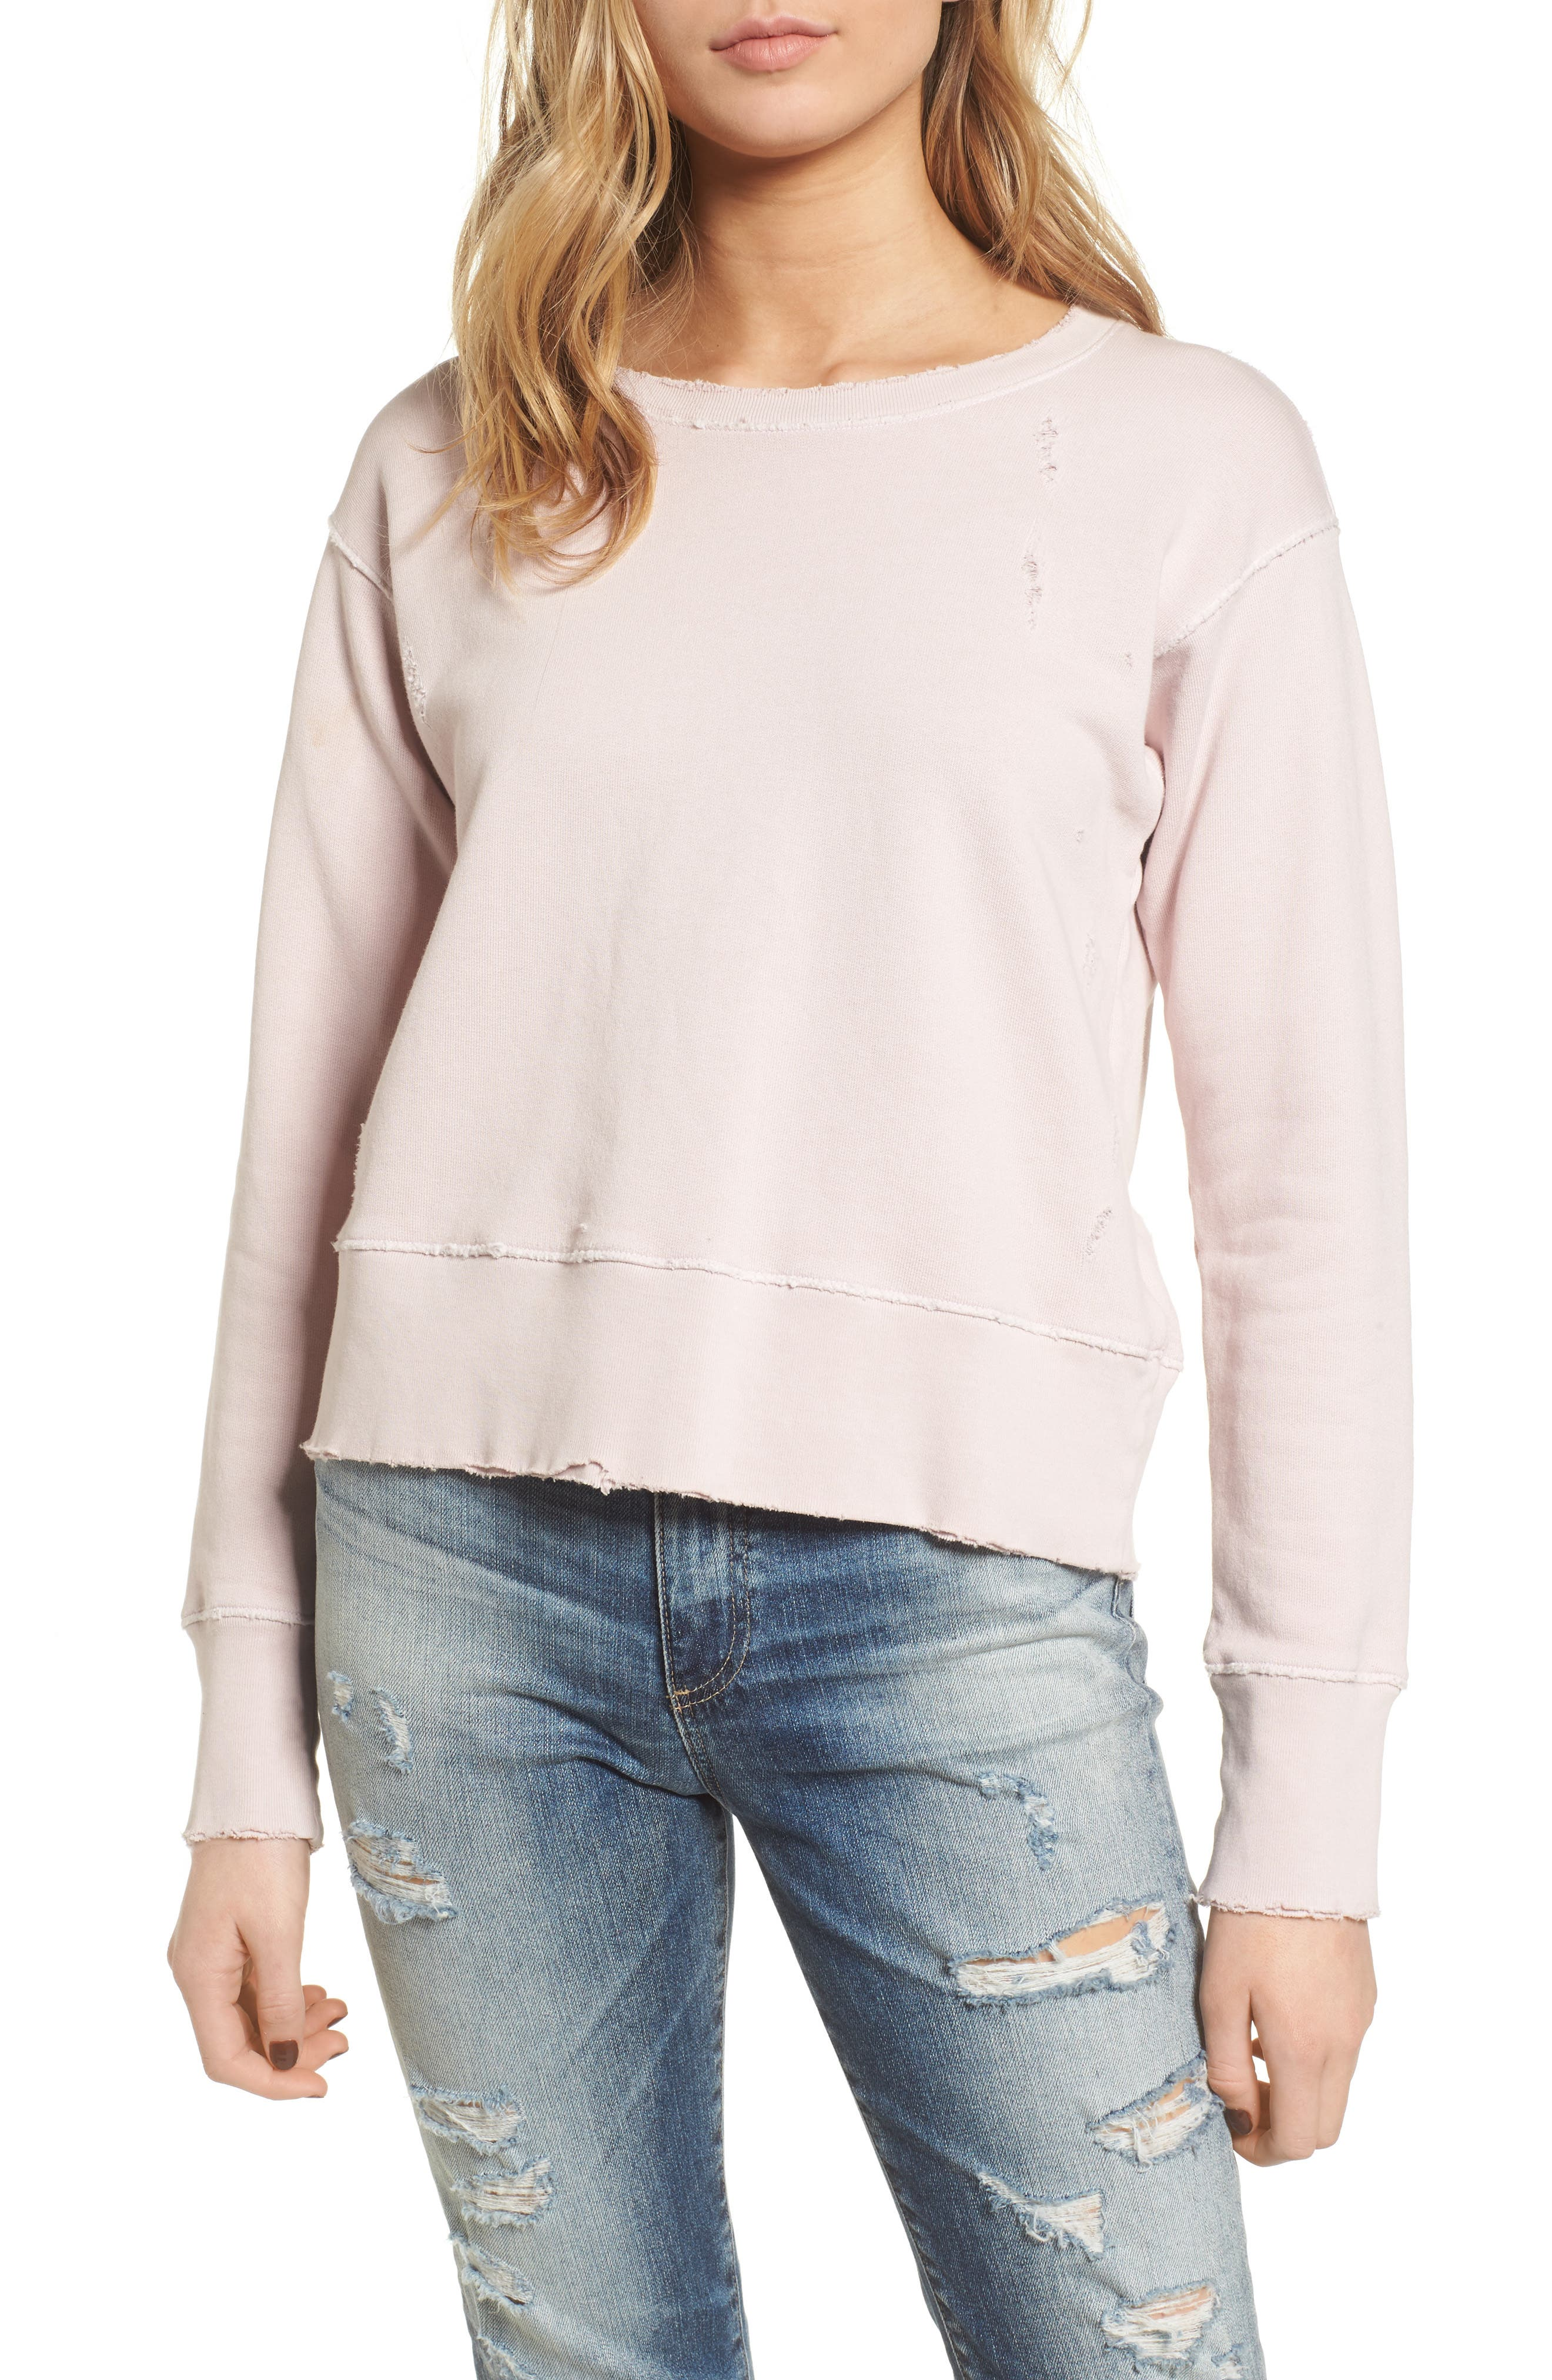 Tee Lab Cotton Sweatshirt,                             Main thumbnail 1, color,                             Bazooka 10 Year Vintage Wash